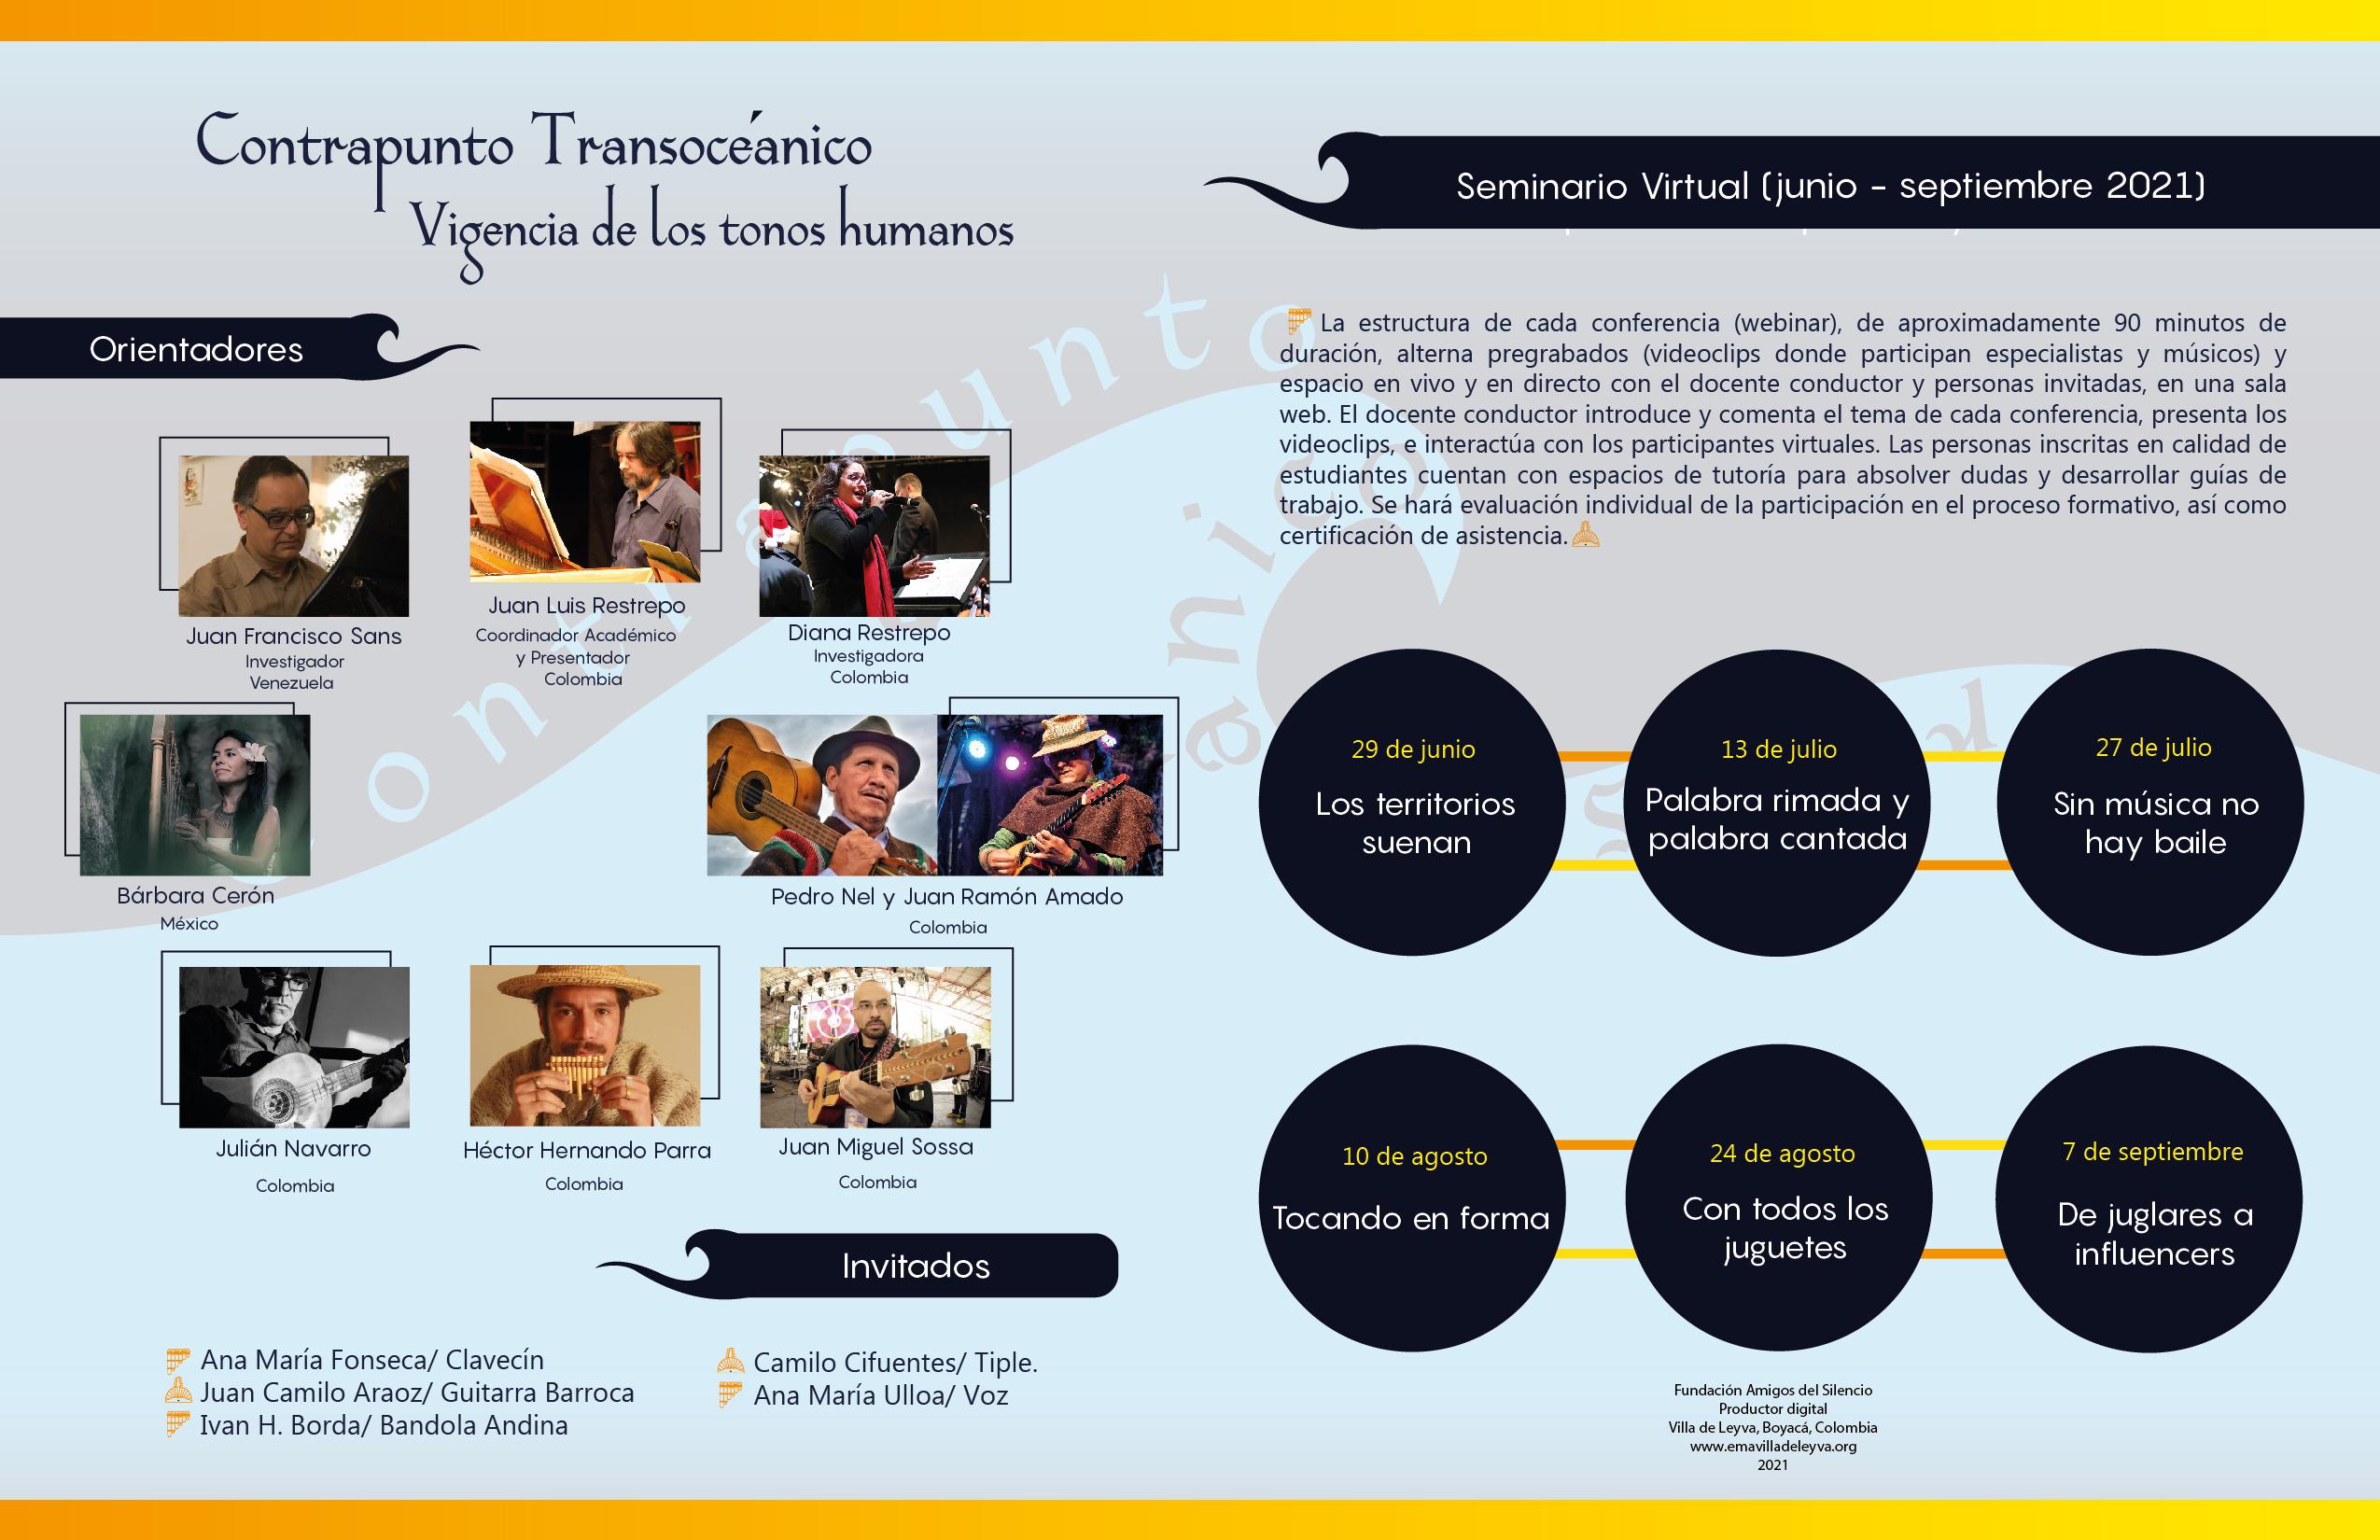 """La Fundación Amigos del Silencio dio inicio al ciclo de videoconferencias """"Contrapunto Transoceánico"""" en el marco del XIII Encuentro de Música Antigua en Villa de Leyva, Colombia"""